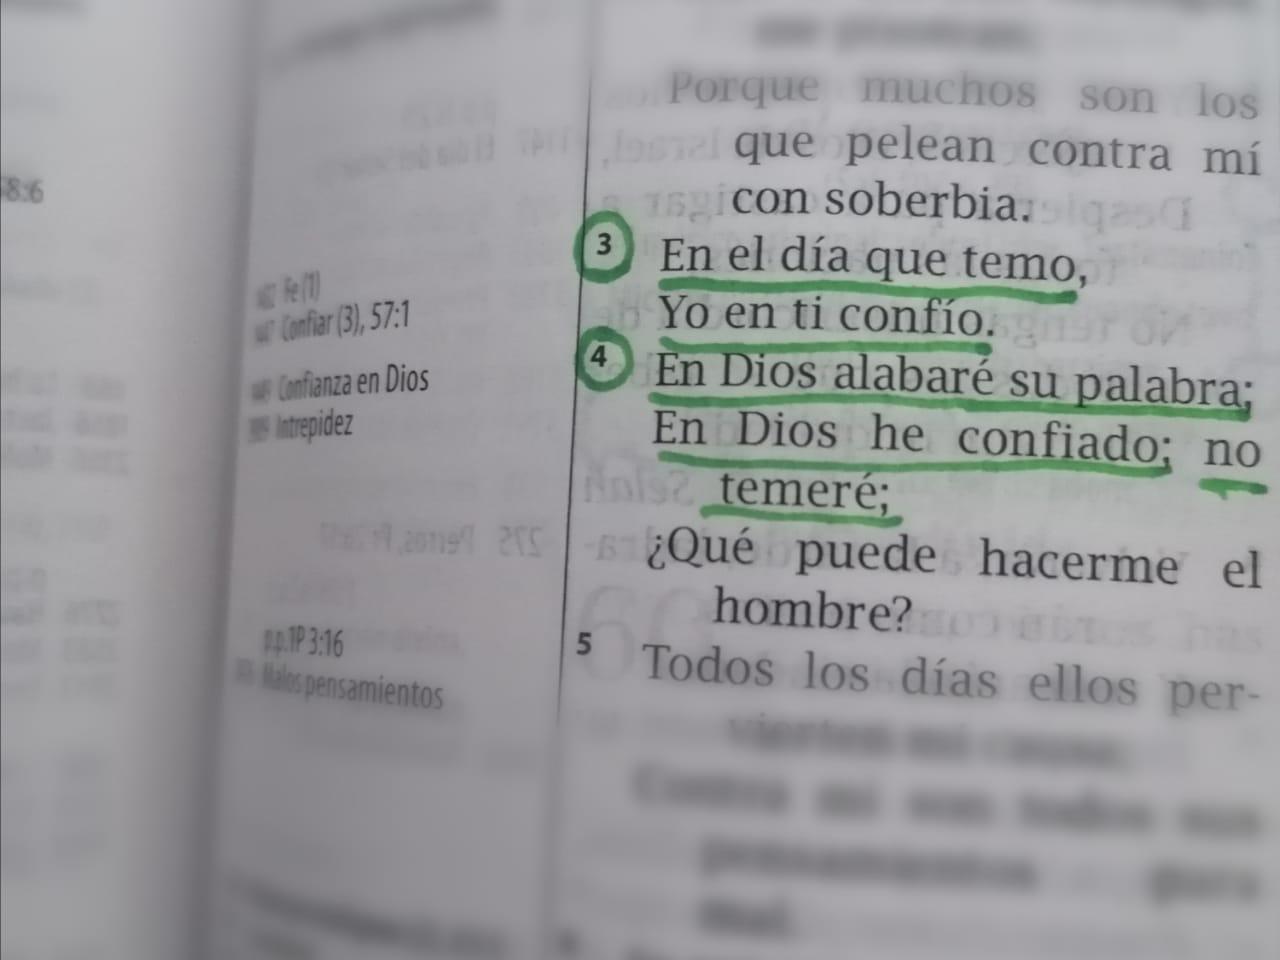 En Dios alabaré su palabra; En Dios he confiado; no temeré